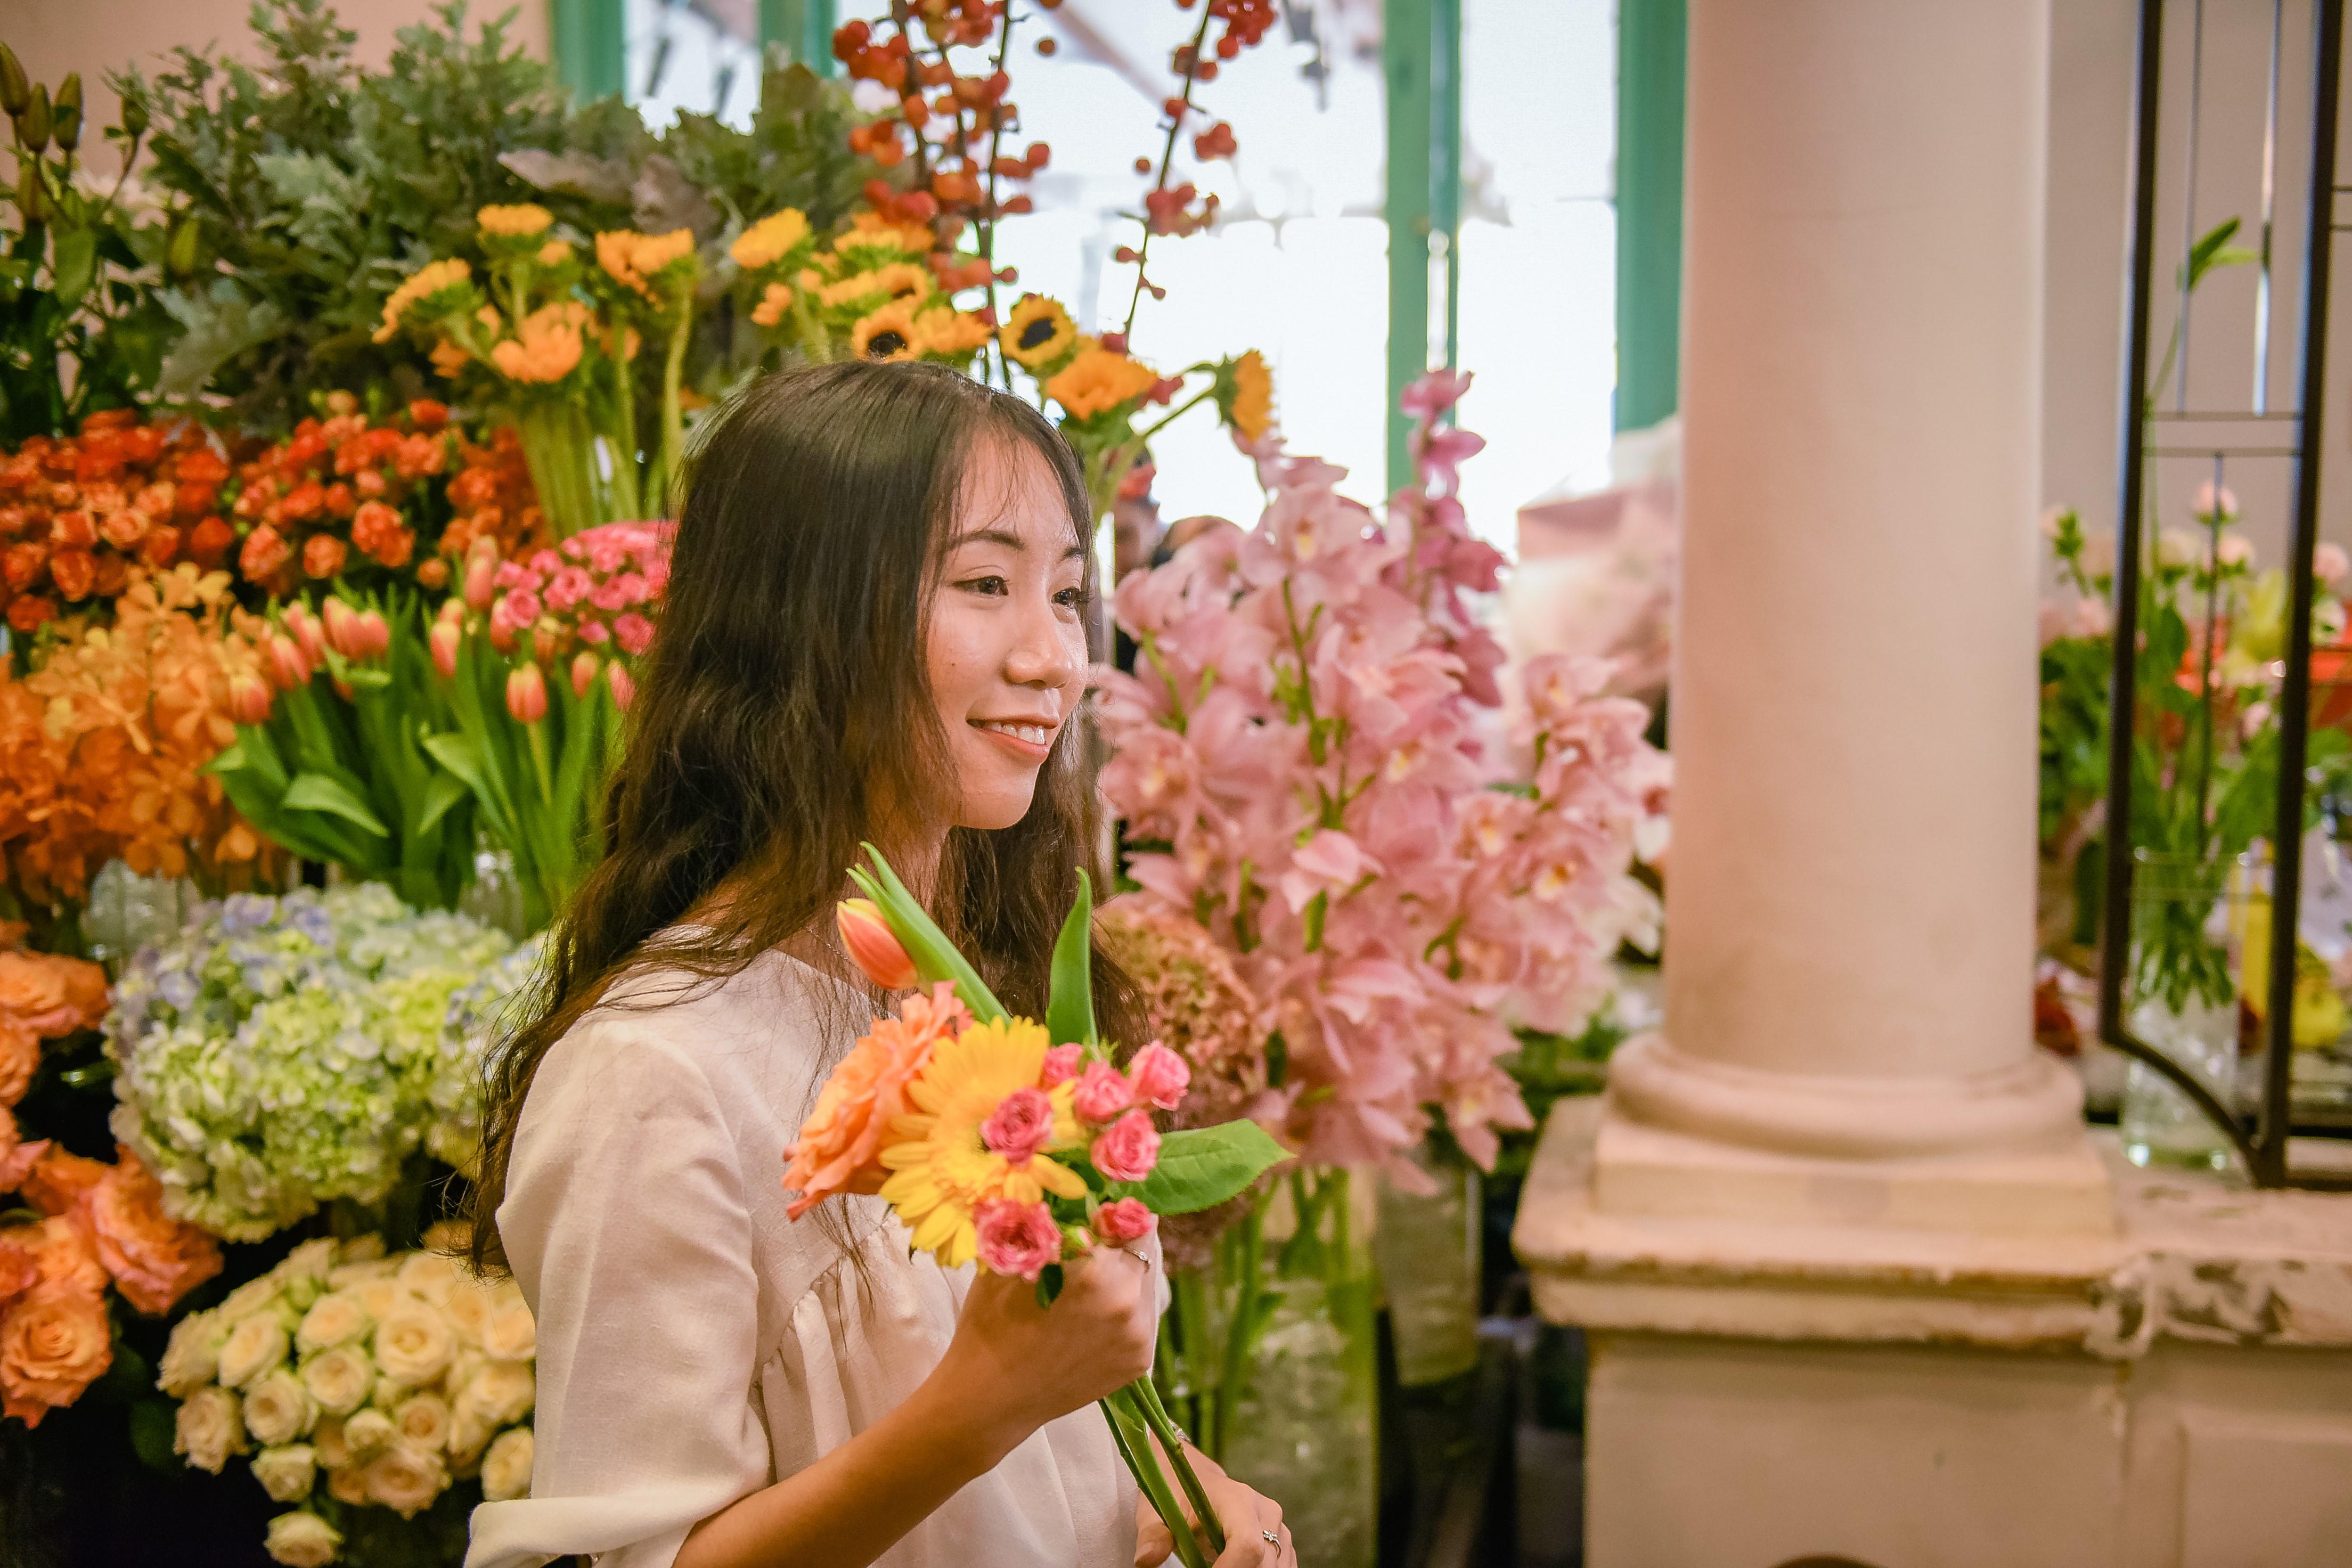 Dịp 20/10, Shark Khoa mở thương hiệu hoa mới bán 24/7 cho phái đẹp- Ảnh 3.